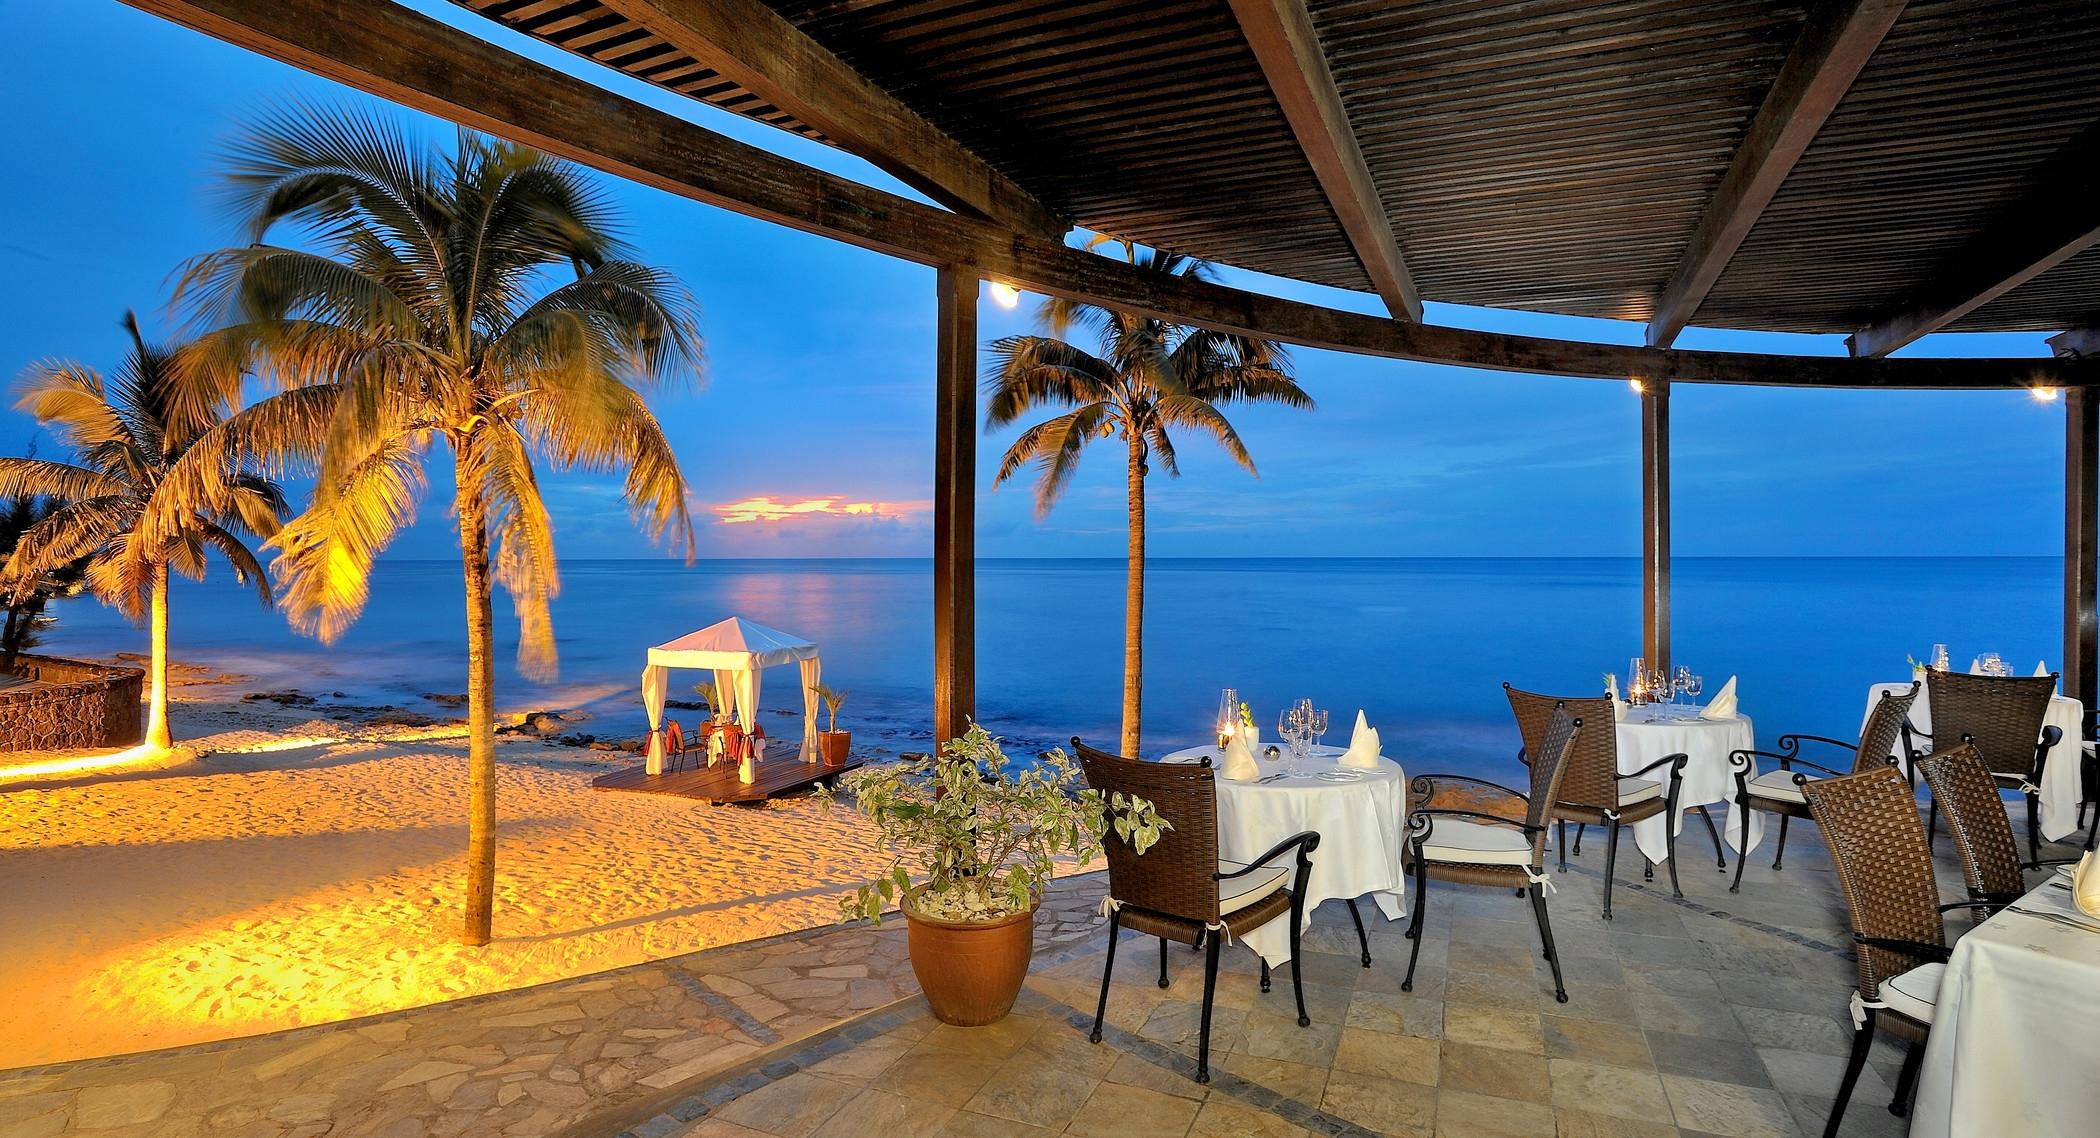 140772 завантажити шпалери Море, Природа, Пісок, Пляж, Пальми, Вечір, Тропіки, Тропіках - заставки і картинки безкоштовно